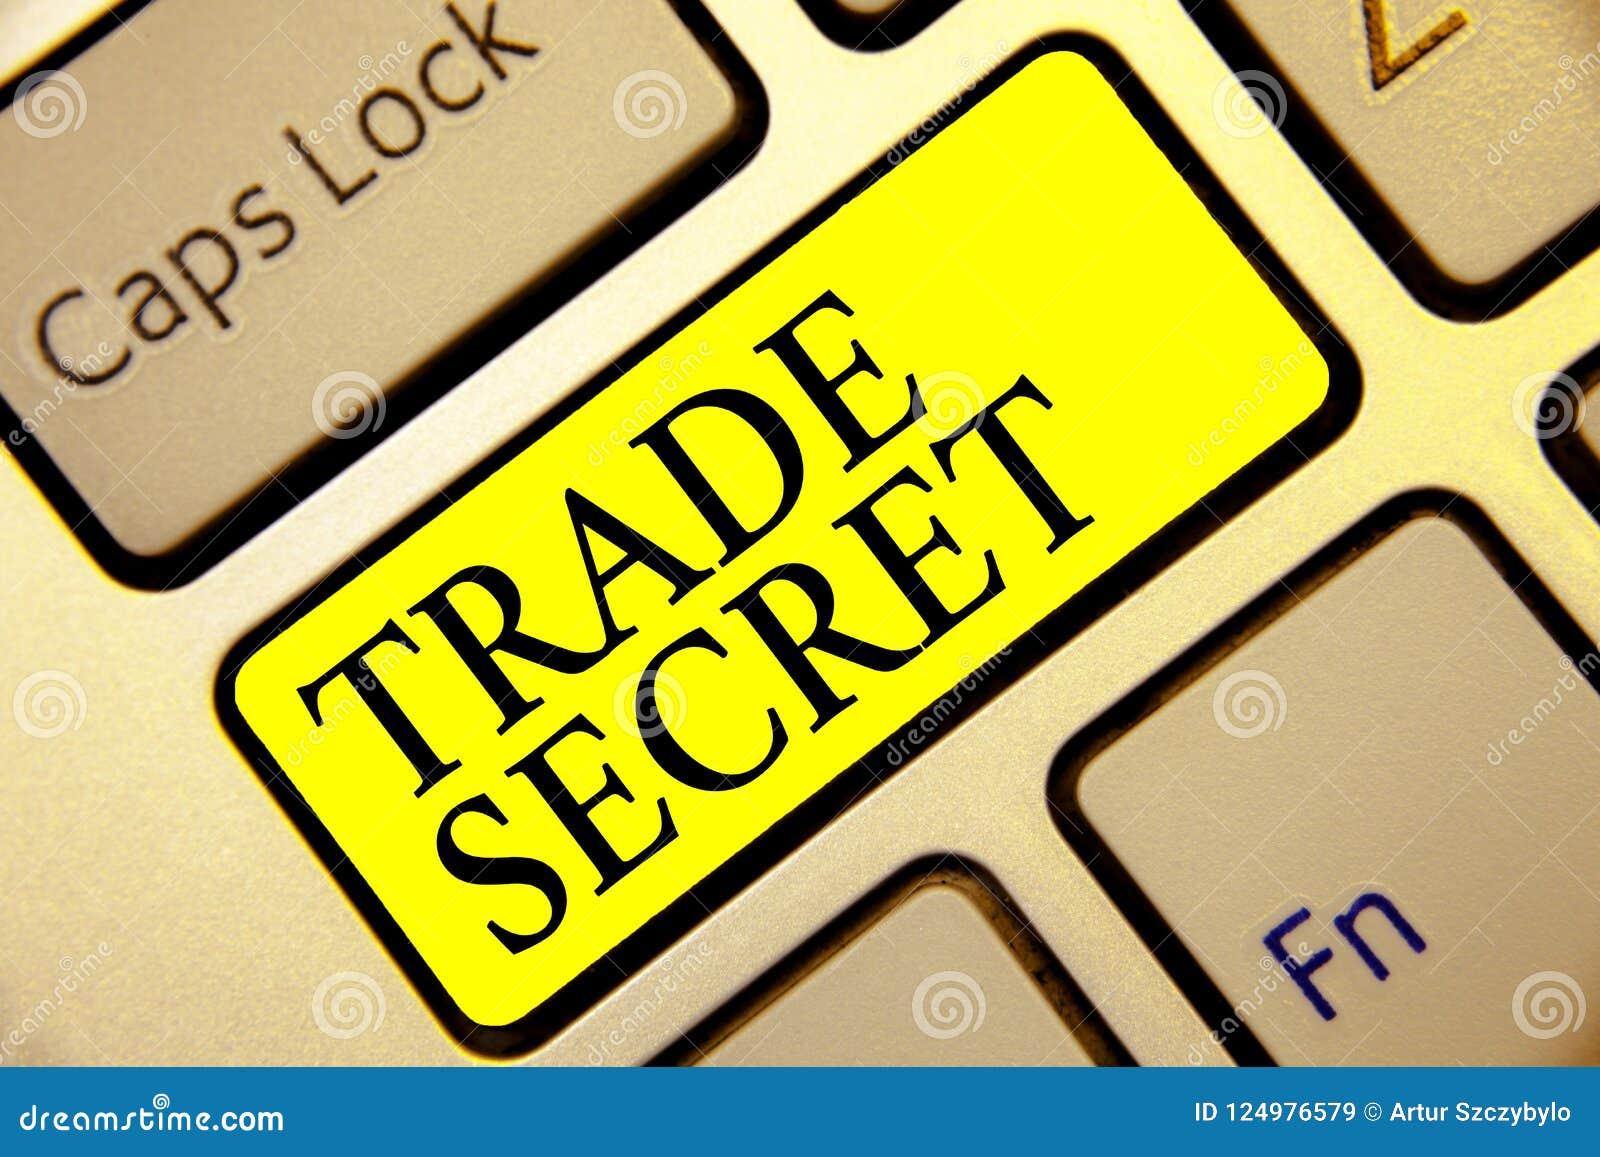 Σημάδι κειμένων που παρουσιάζει εμπορικό μυστικό Εννοιολογική εμπιστευτική πληροφορία φωτογραφιών για ένα πληκτρολόγιο κίτρινη KE